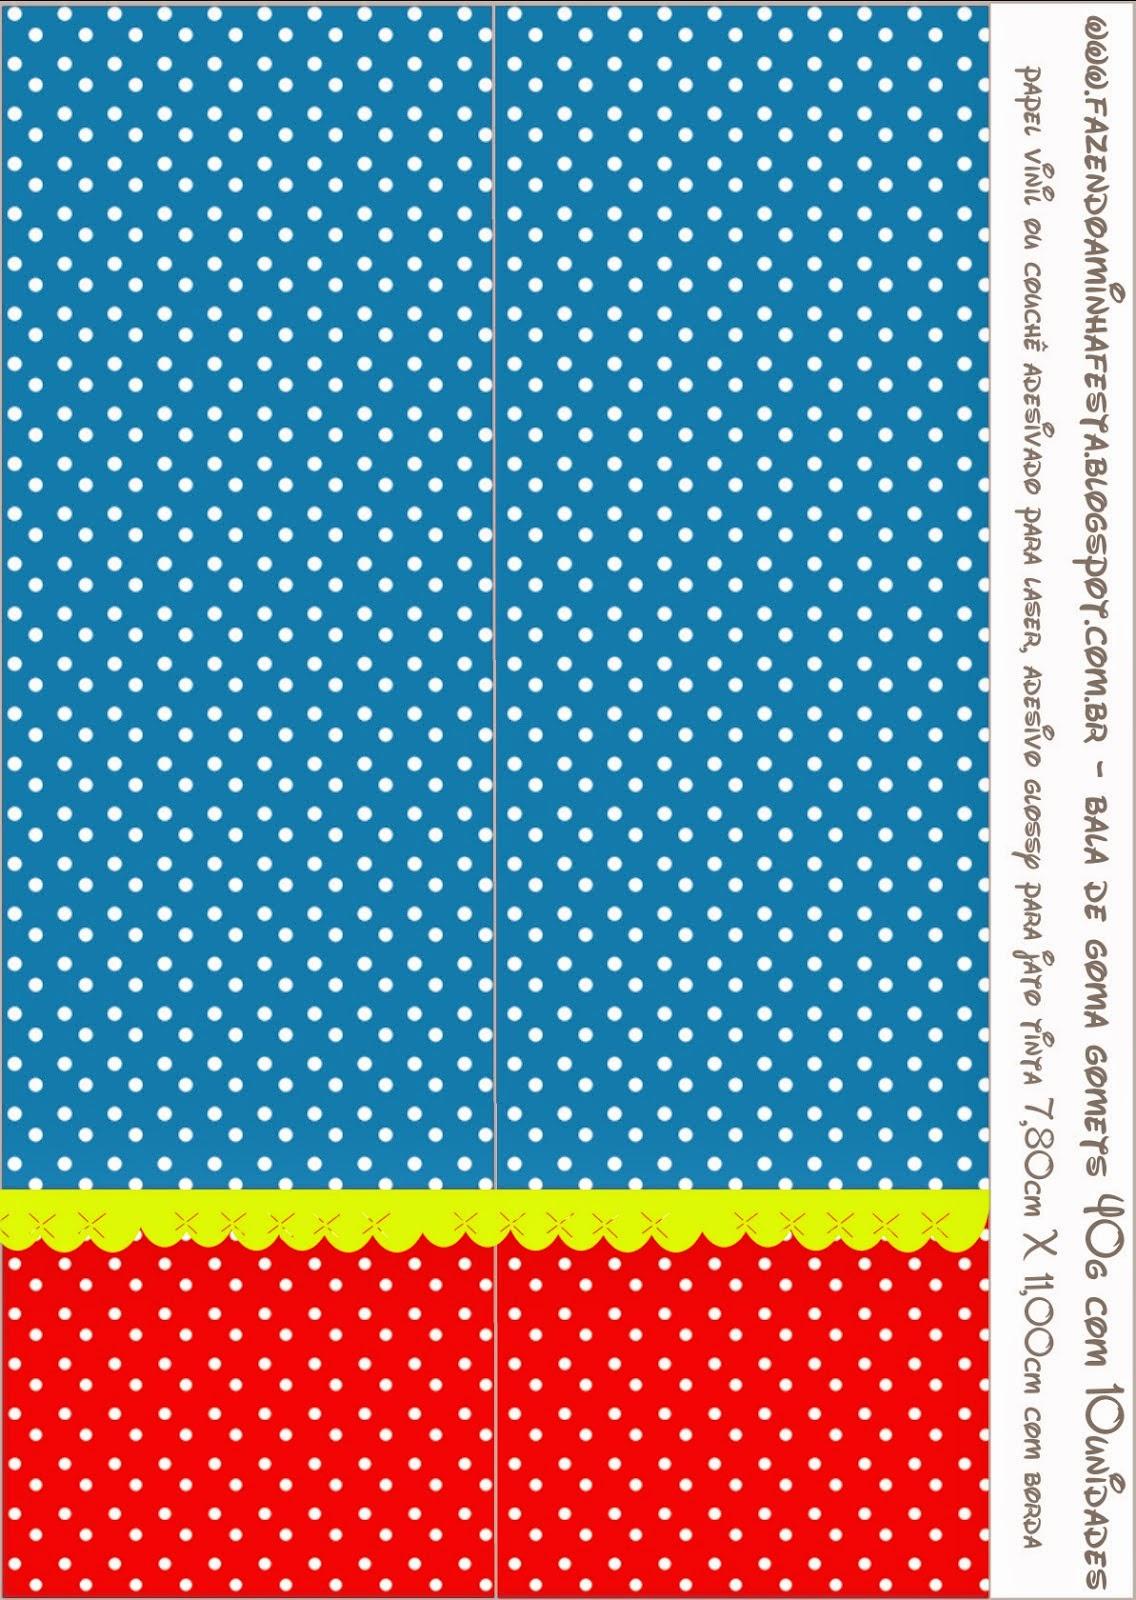 Etiquetas de Rojo, Amarillo y Azul para imprimir gratis.